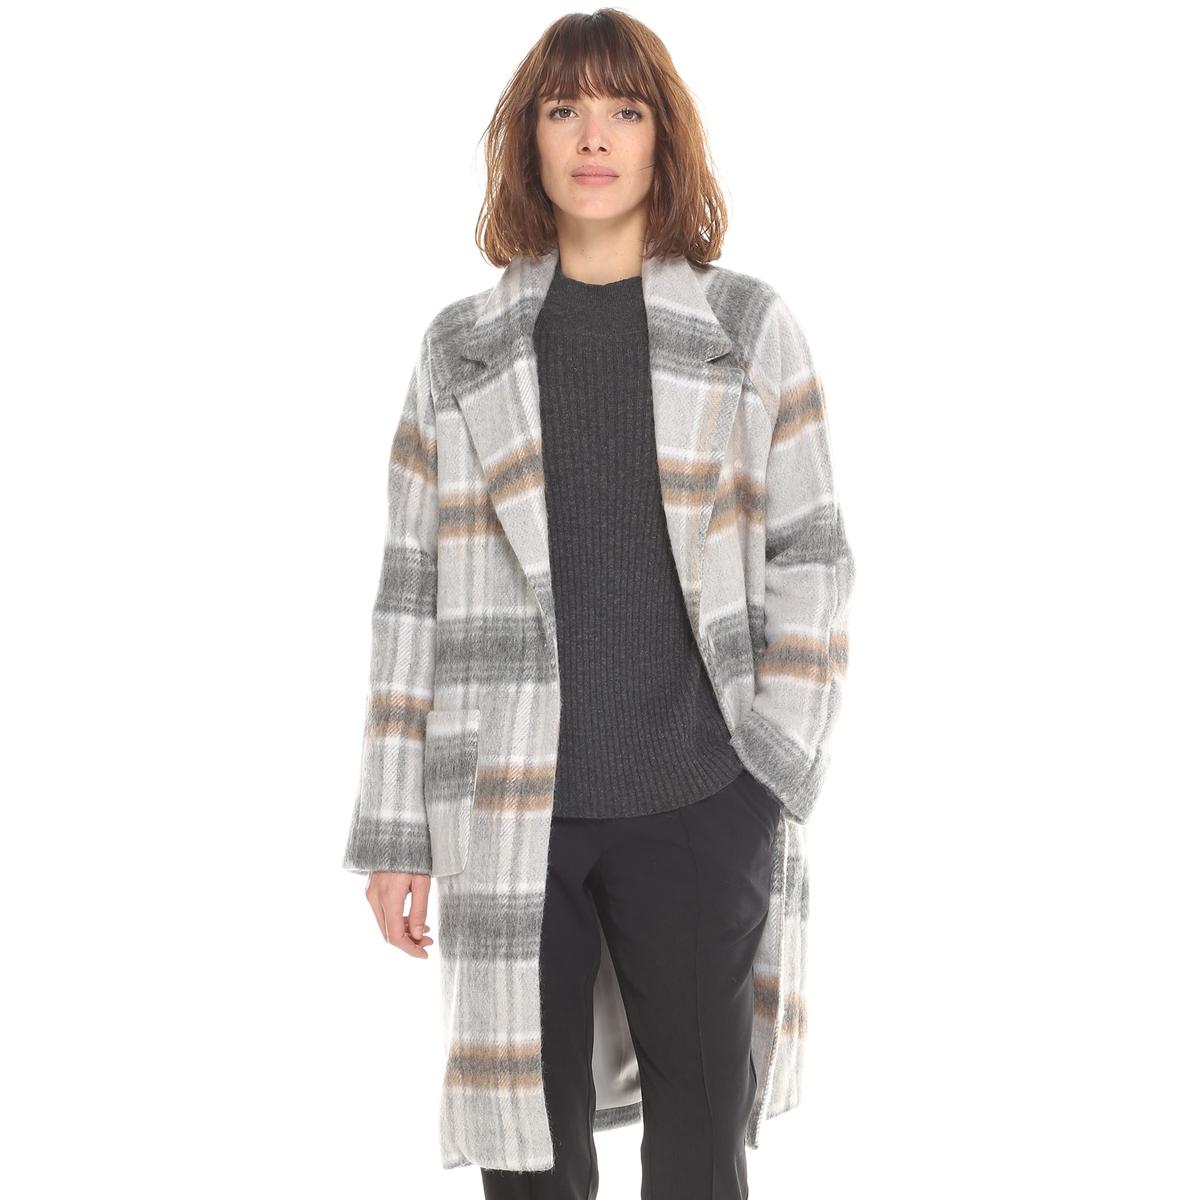 Пальто-халат женское длинное в клетку